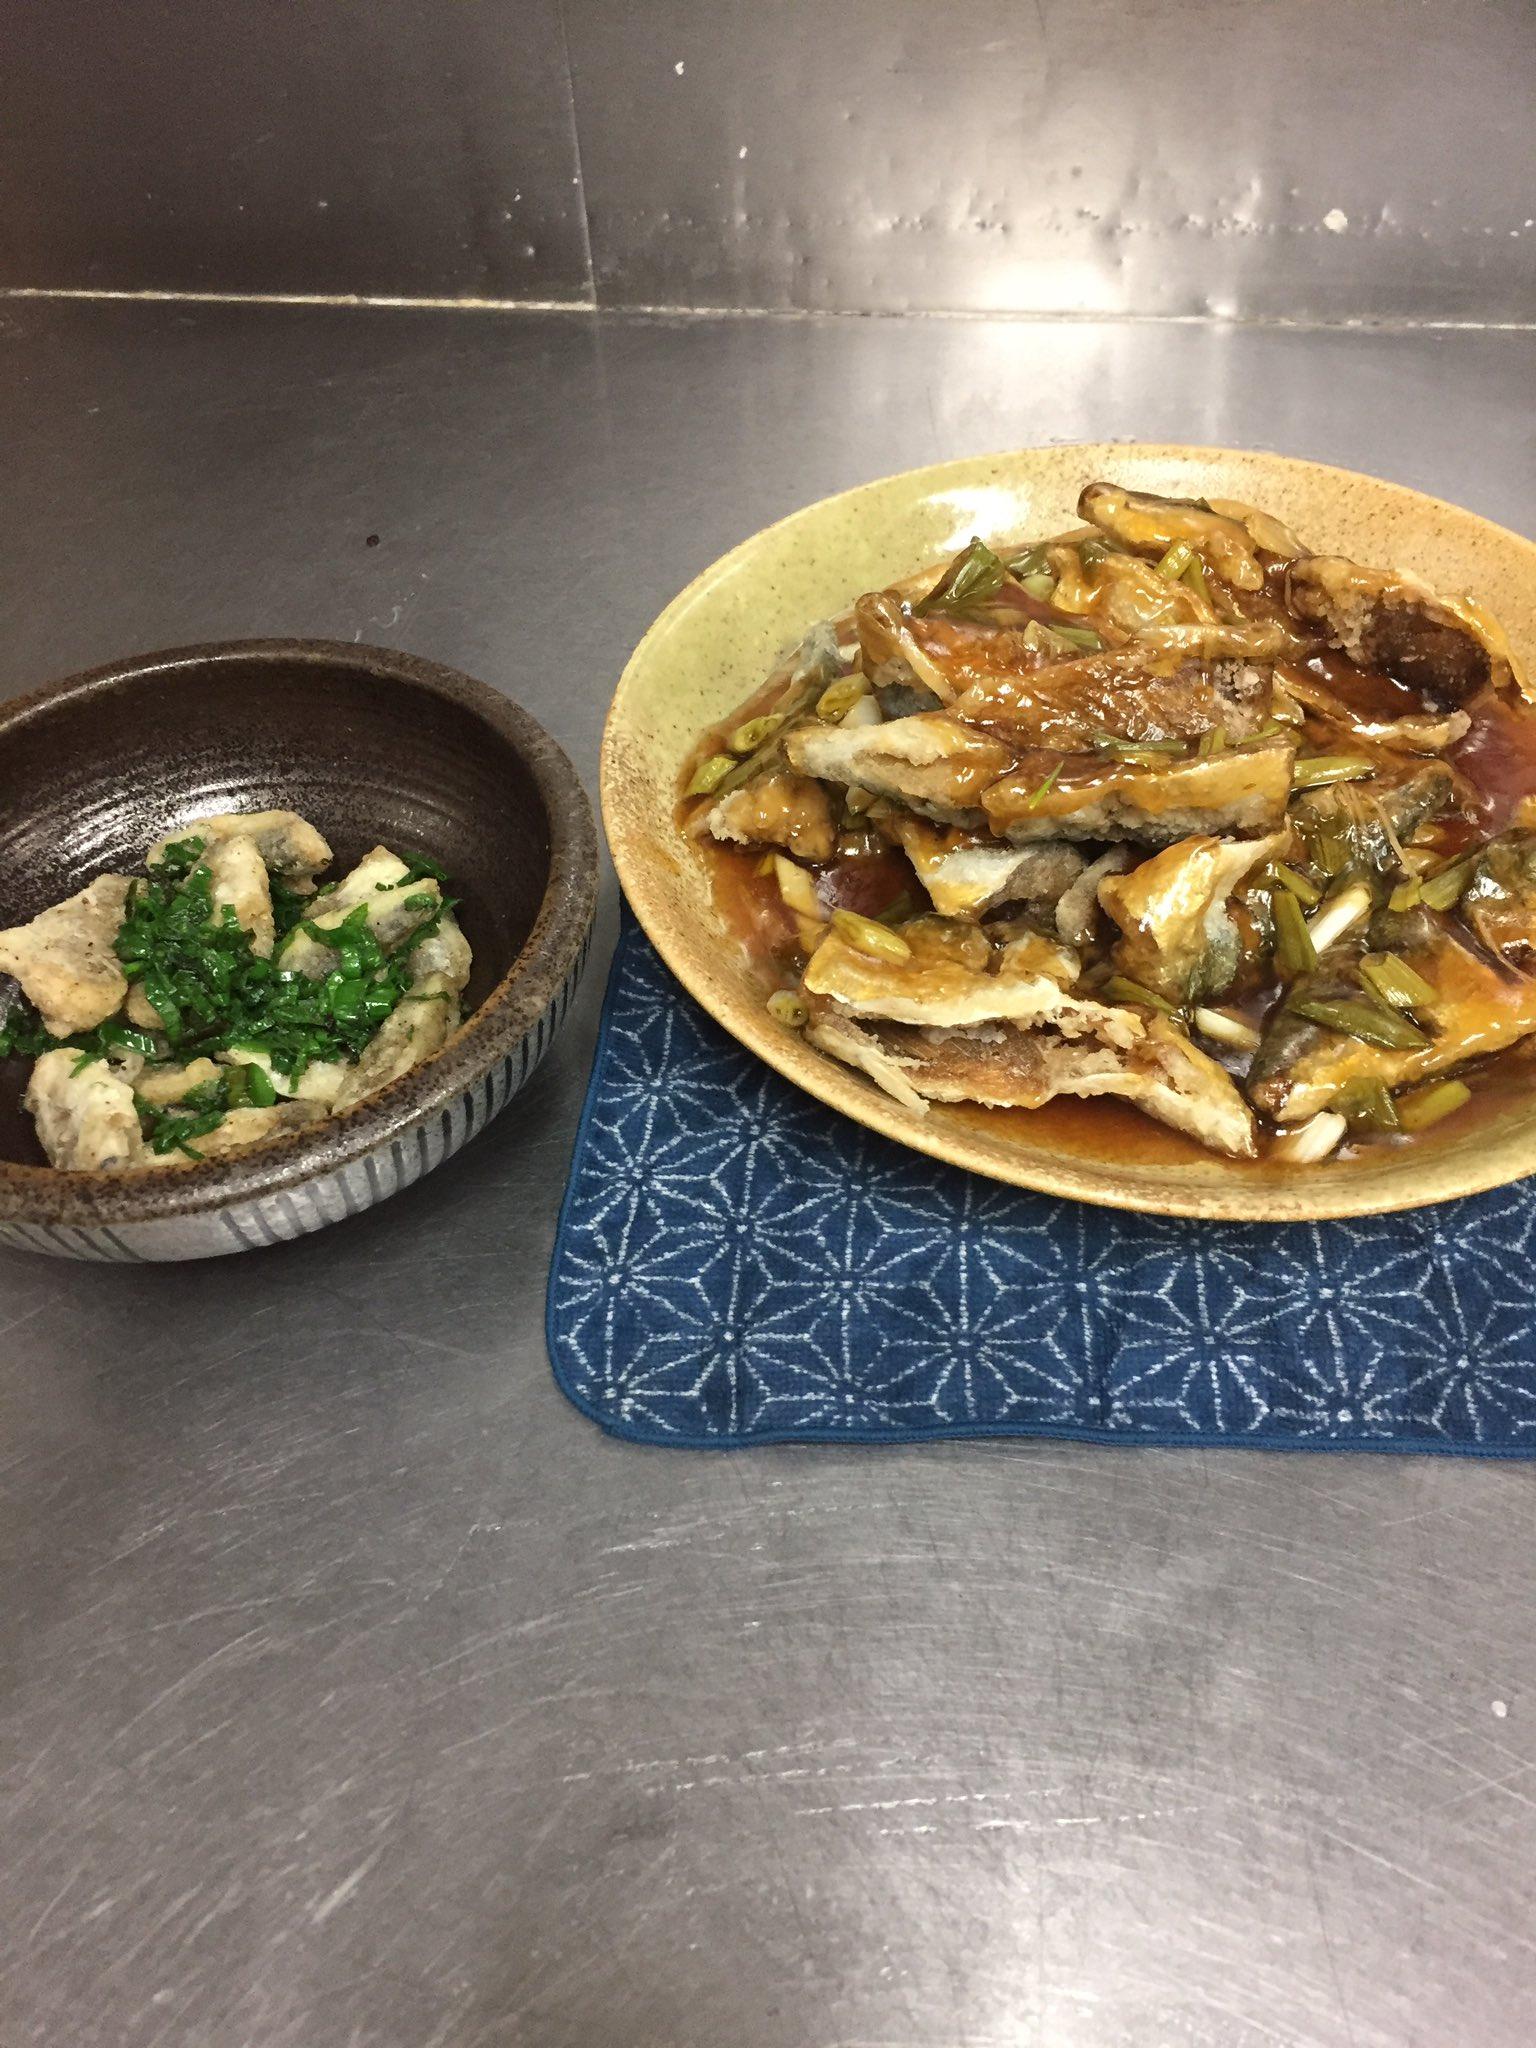 小サバのから揚げ甘酢あんかけとイシモチとアジの山椒揚げ